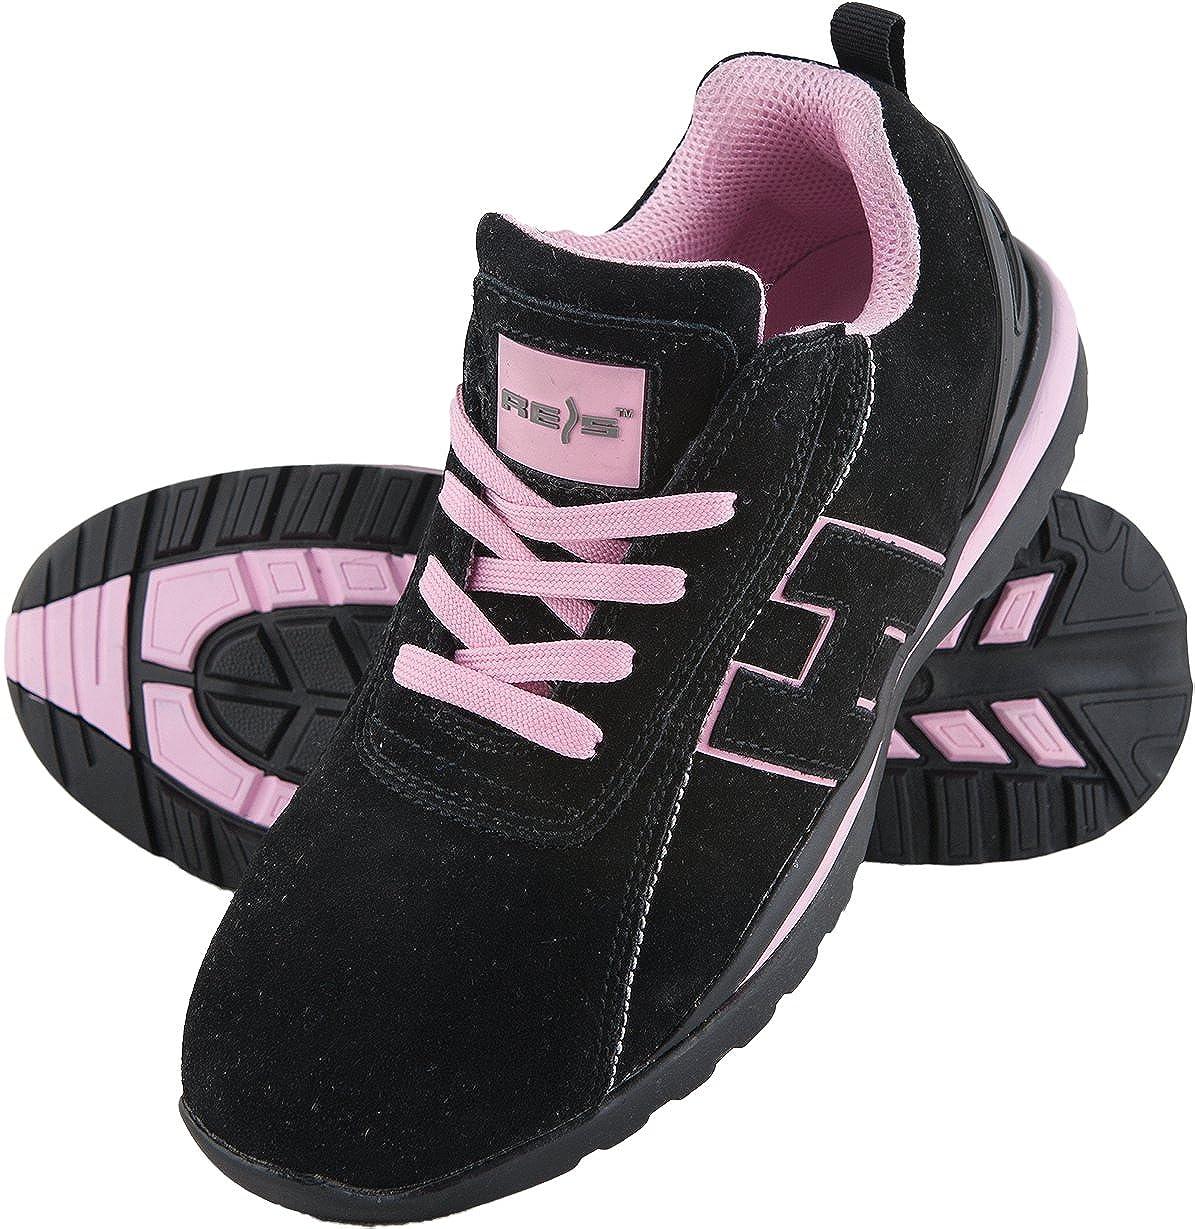 f45c32c1323fc Argentina Chaussures de travail Chaussures de sécurité Taille 36–41 Femme  Embout d'acier: Amazon.fr: Chaussures et Sacs